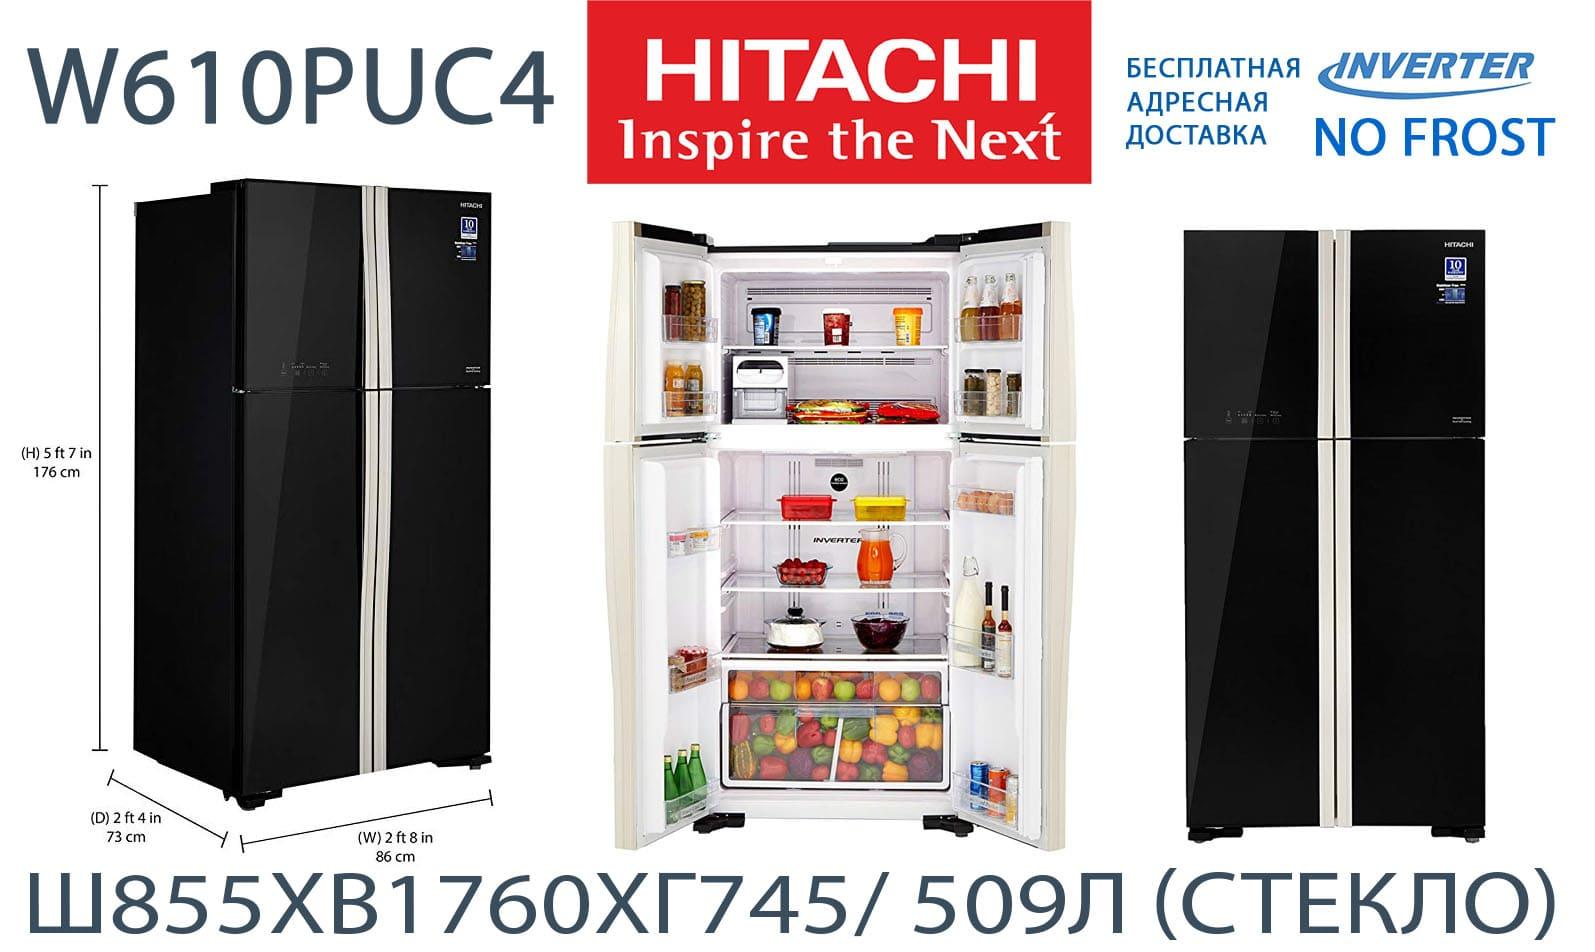 r-W610-vse-cveta Какие есть дополнительные функции у холодильника Hitachi